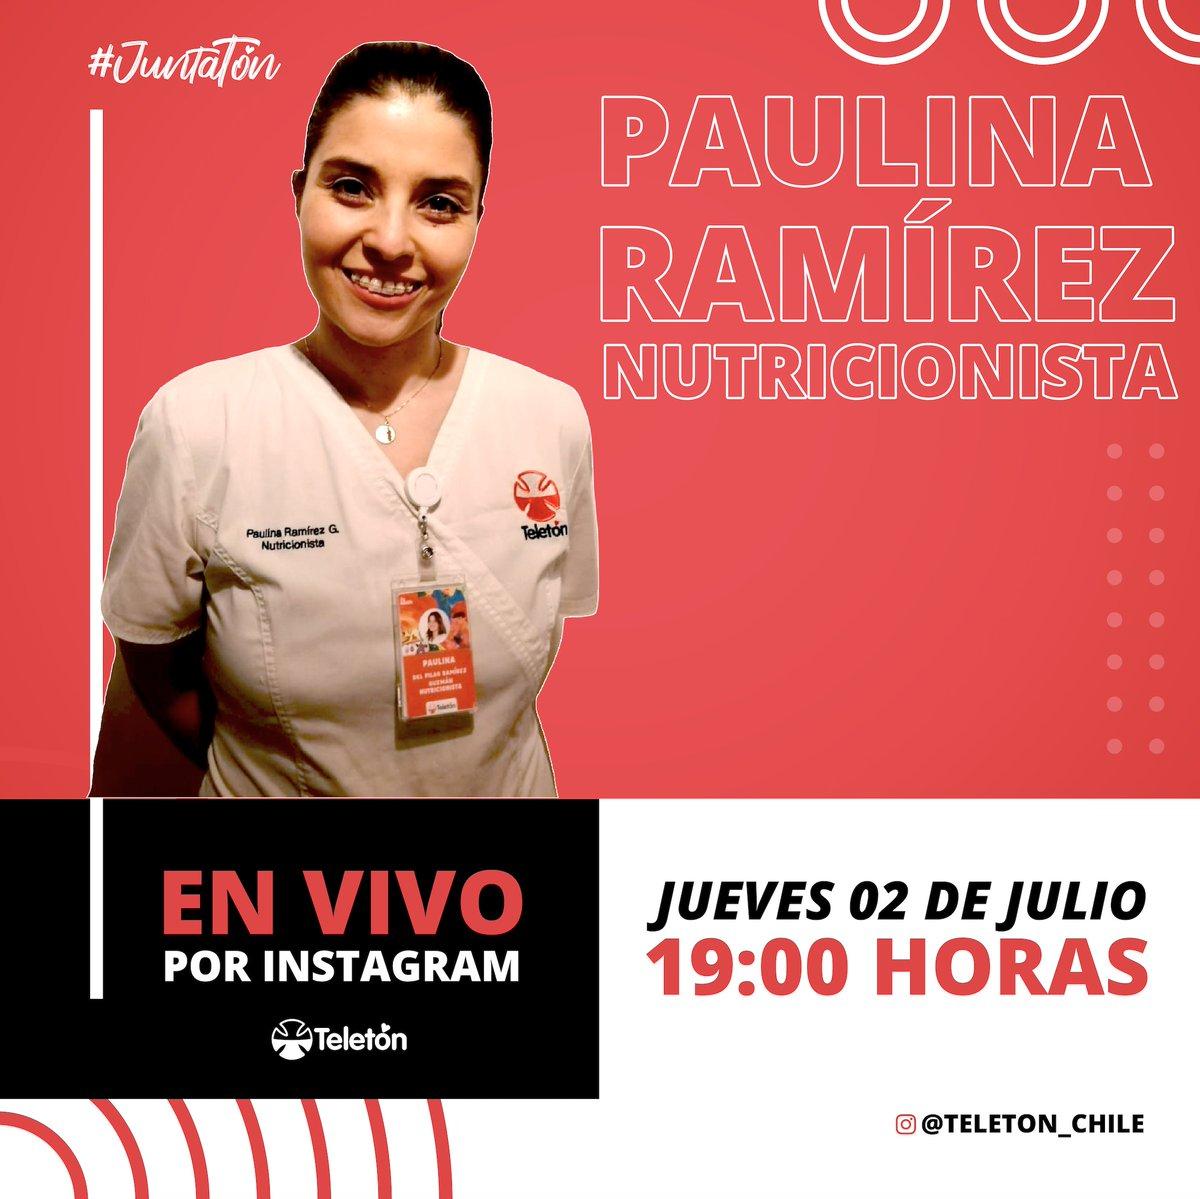 🔸 INVITACIÓN   Este jueves 02 de julio, tendremos una interesante #Juntatón con Paulina Ramírez, nutricionista de Teletón #Concepción, donde hablaremos sobre la alimentación en tiempos de Covid-19 y todo lo que ello implica. Desde las 19 hrs por nuestro Instagram @teleton_chile https://t.co/0FcTiuxpjI